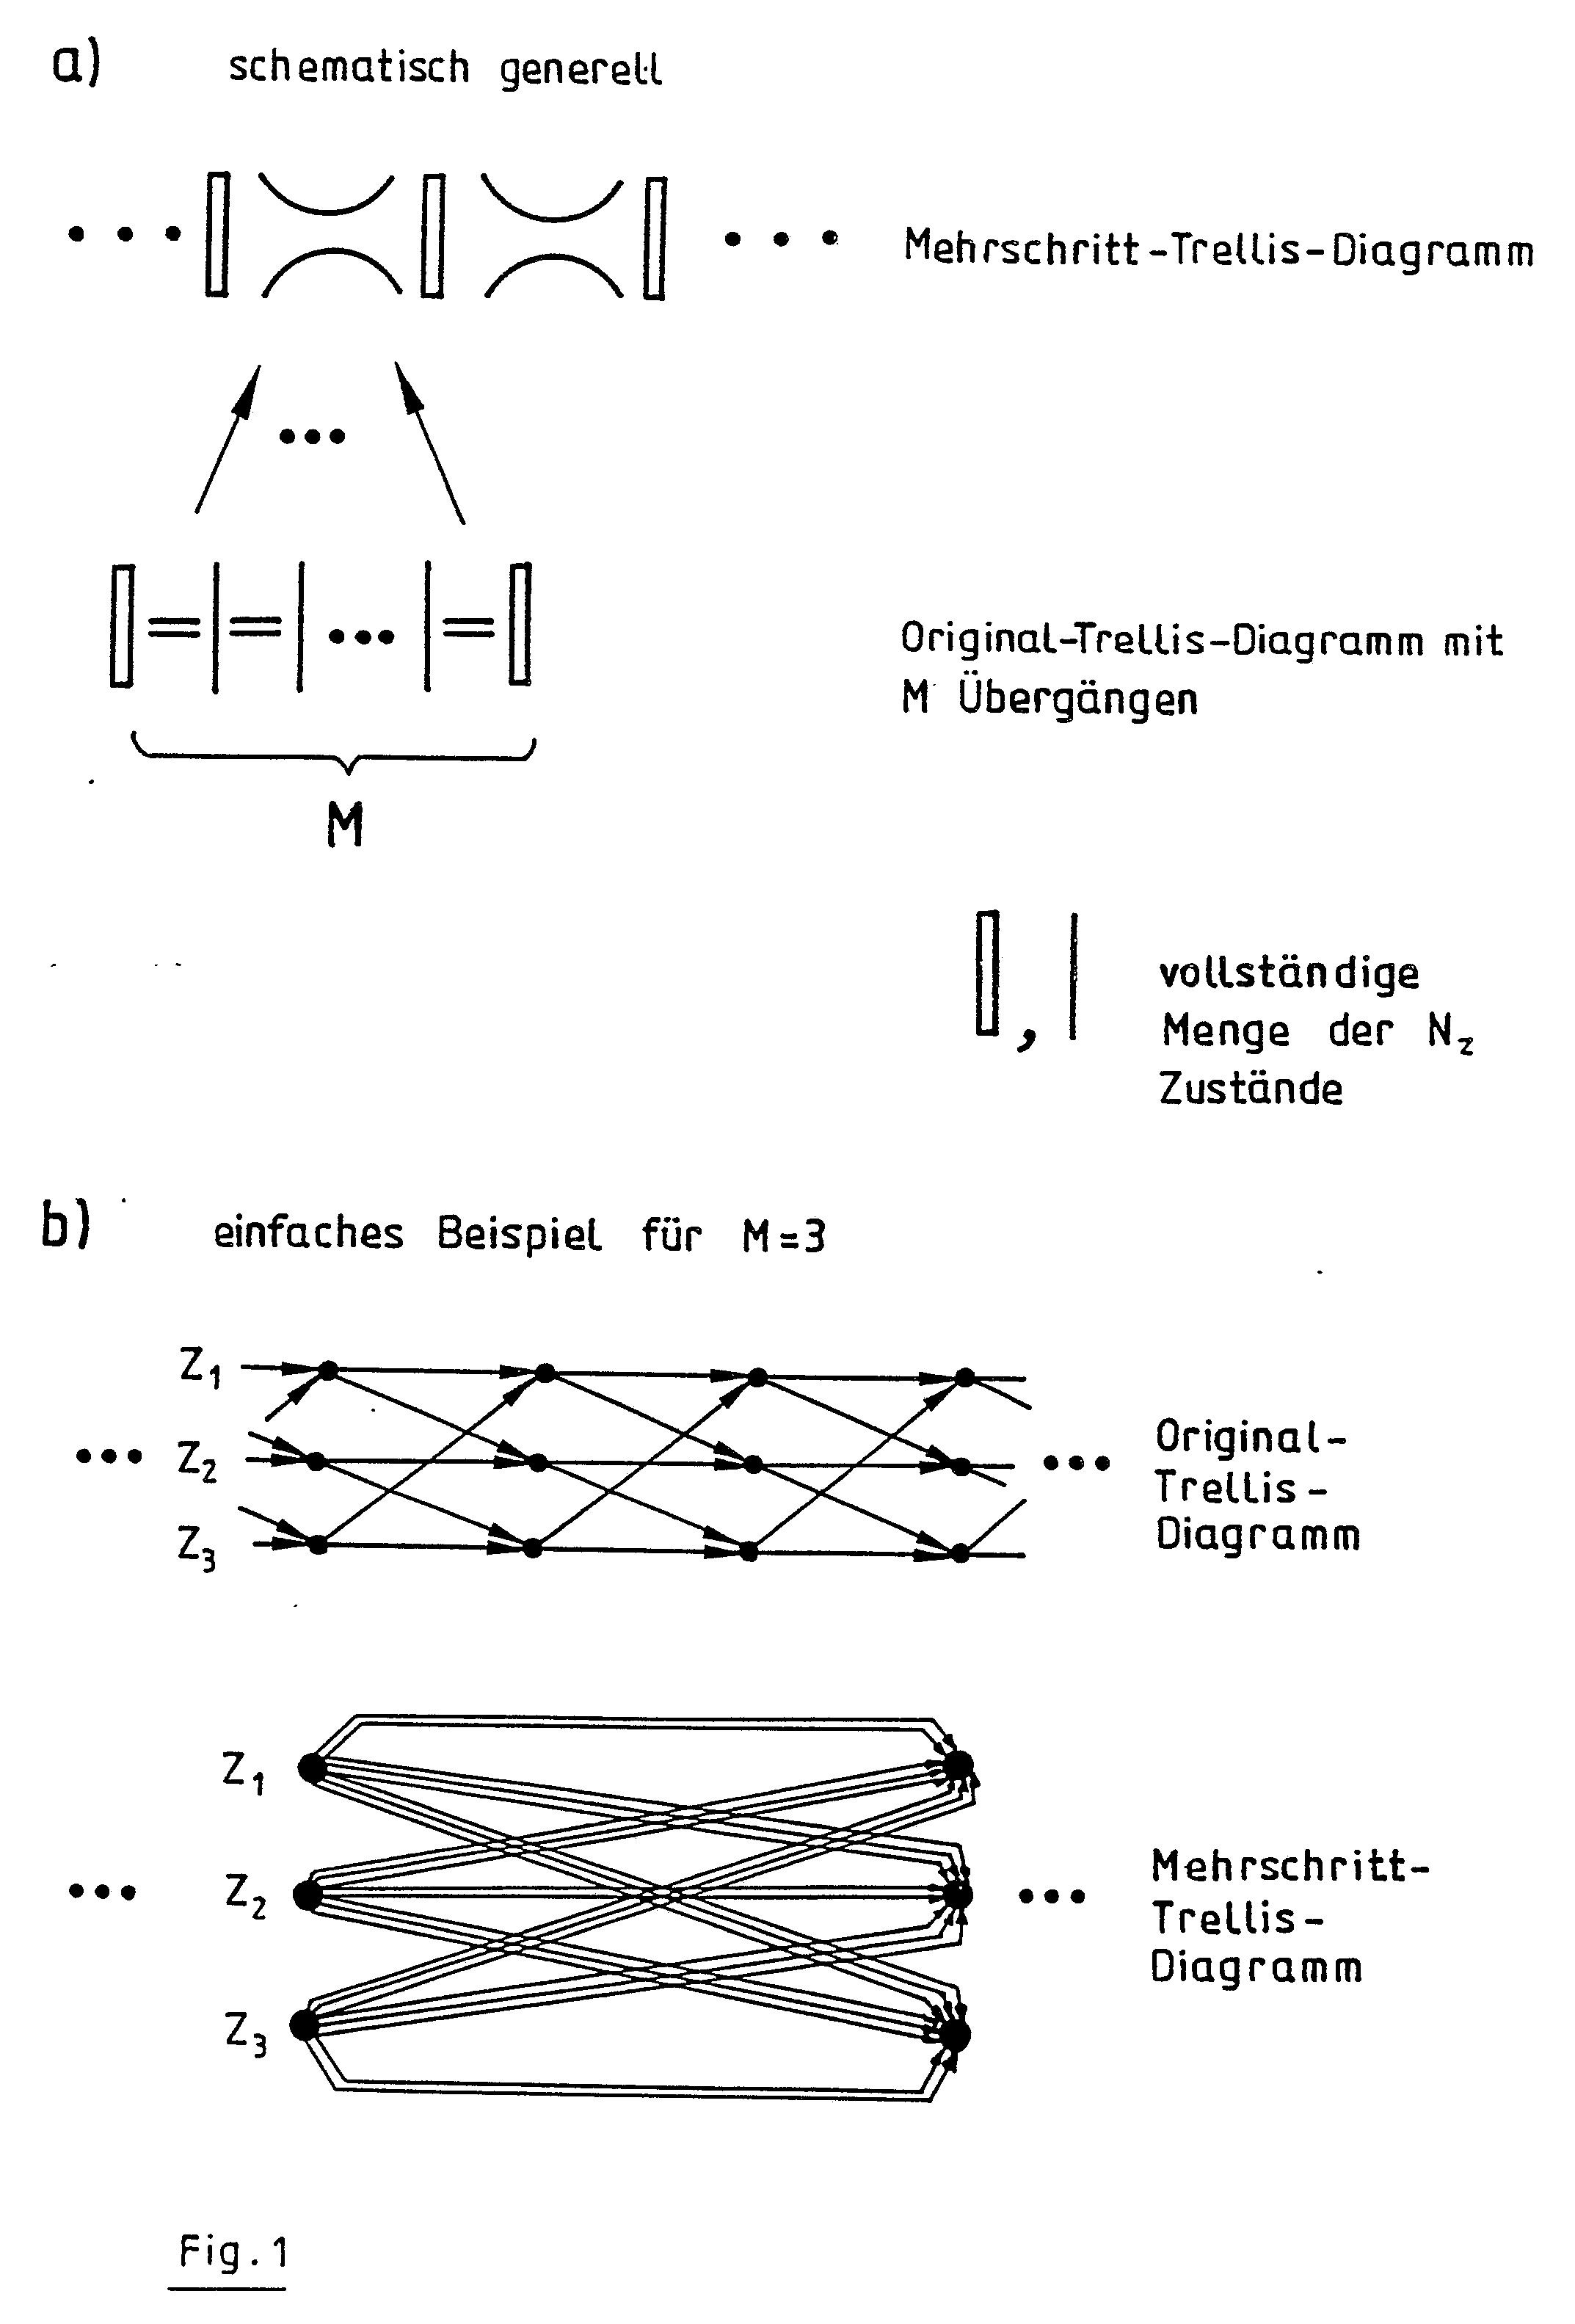 Großartig Schematisches Diagramm Galerie - Elektrische Schaltplan ...